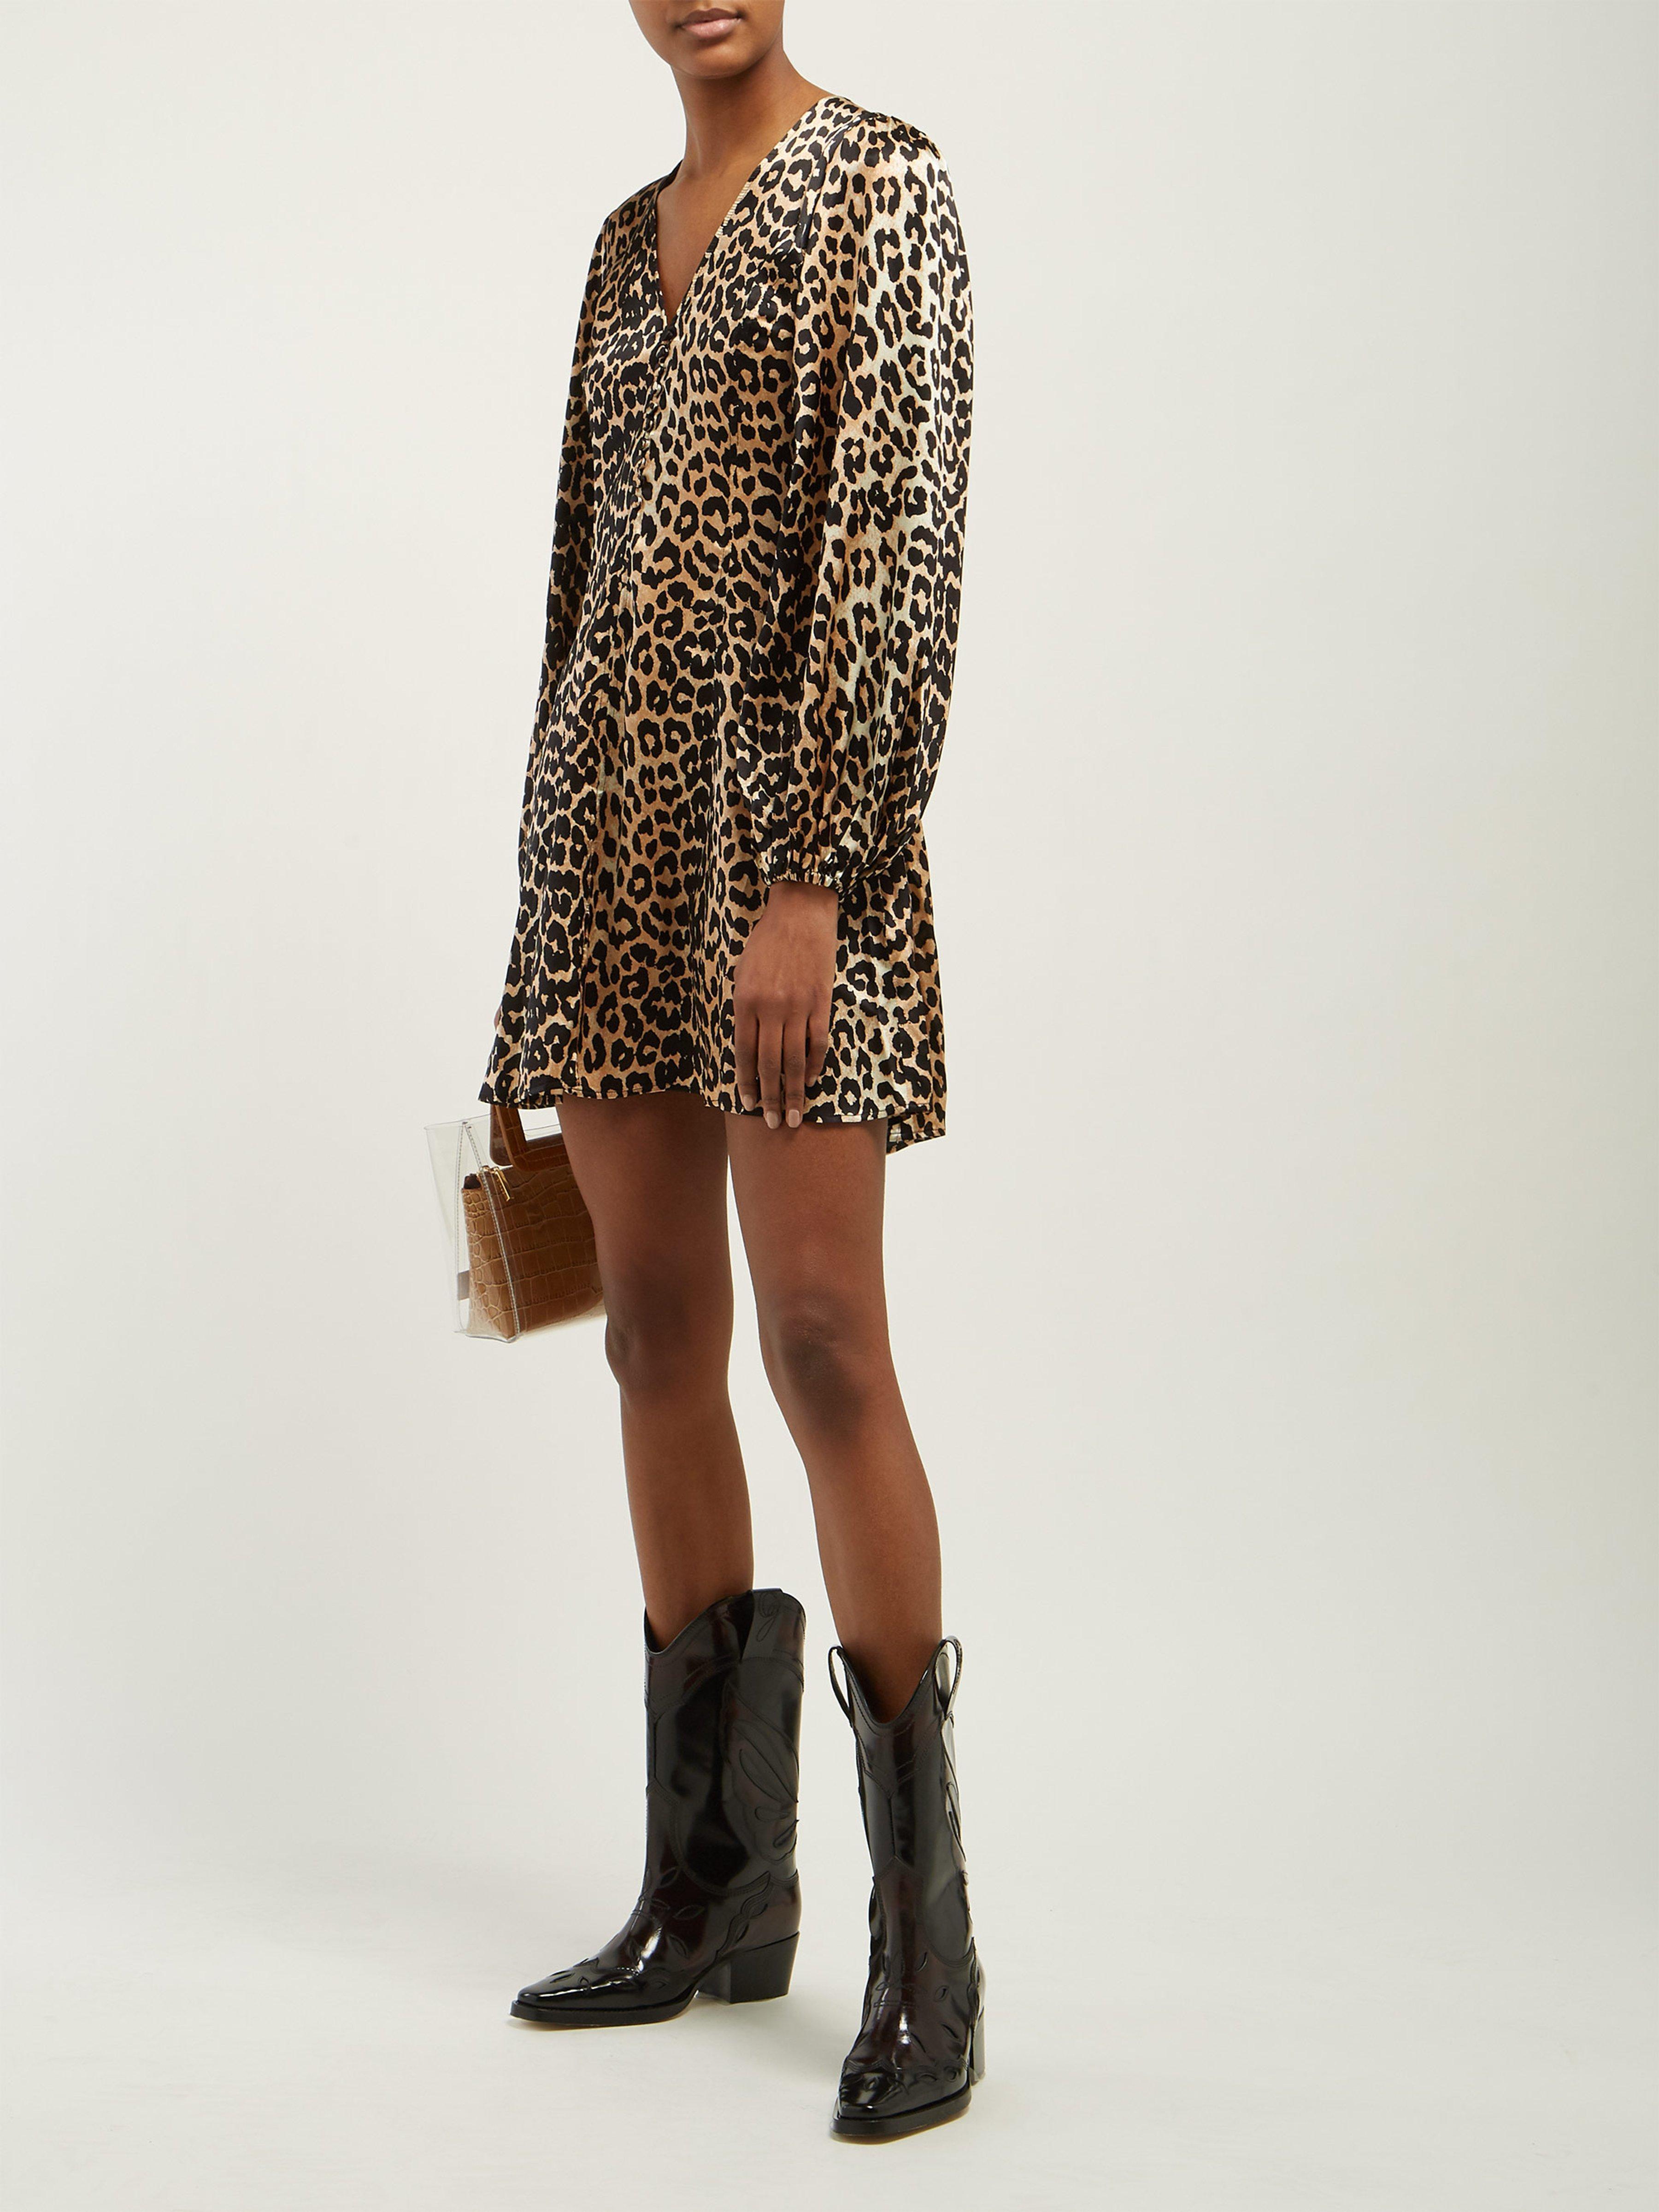 Blakely Lyst Print Brown Ganni Silk Dress Leopard In Mini Blend URgqRPxO